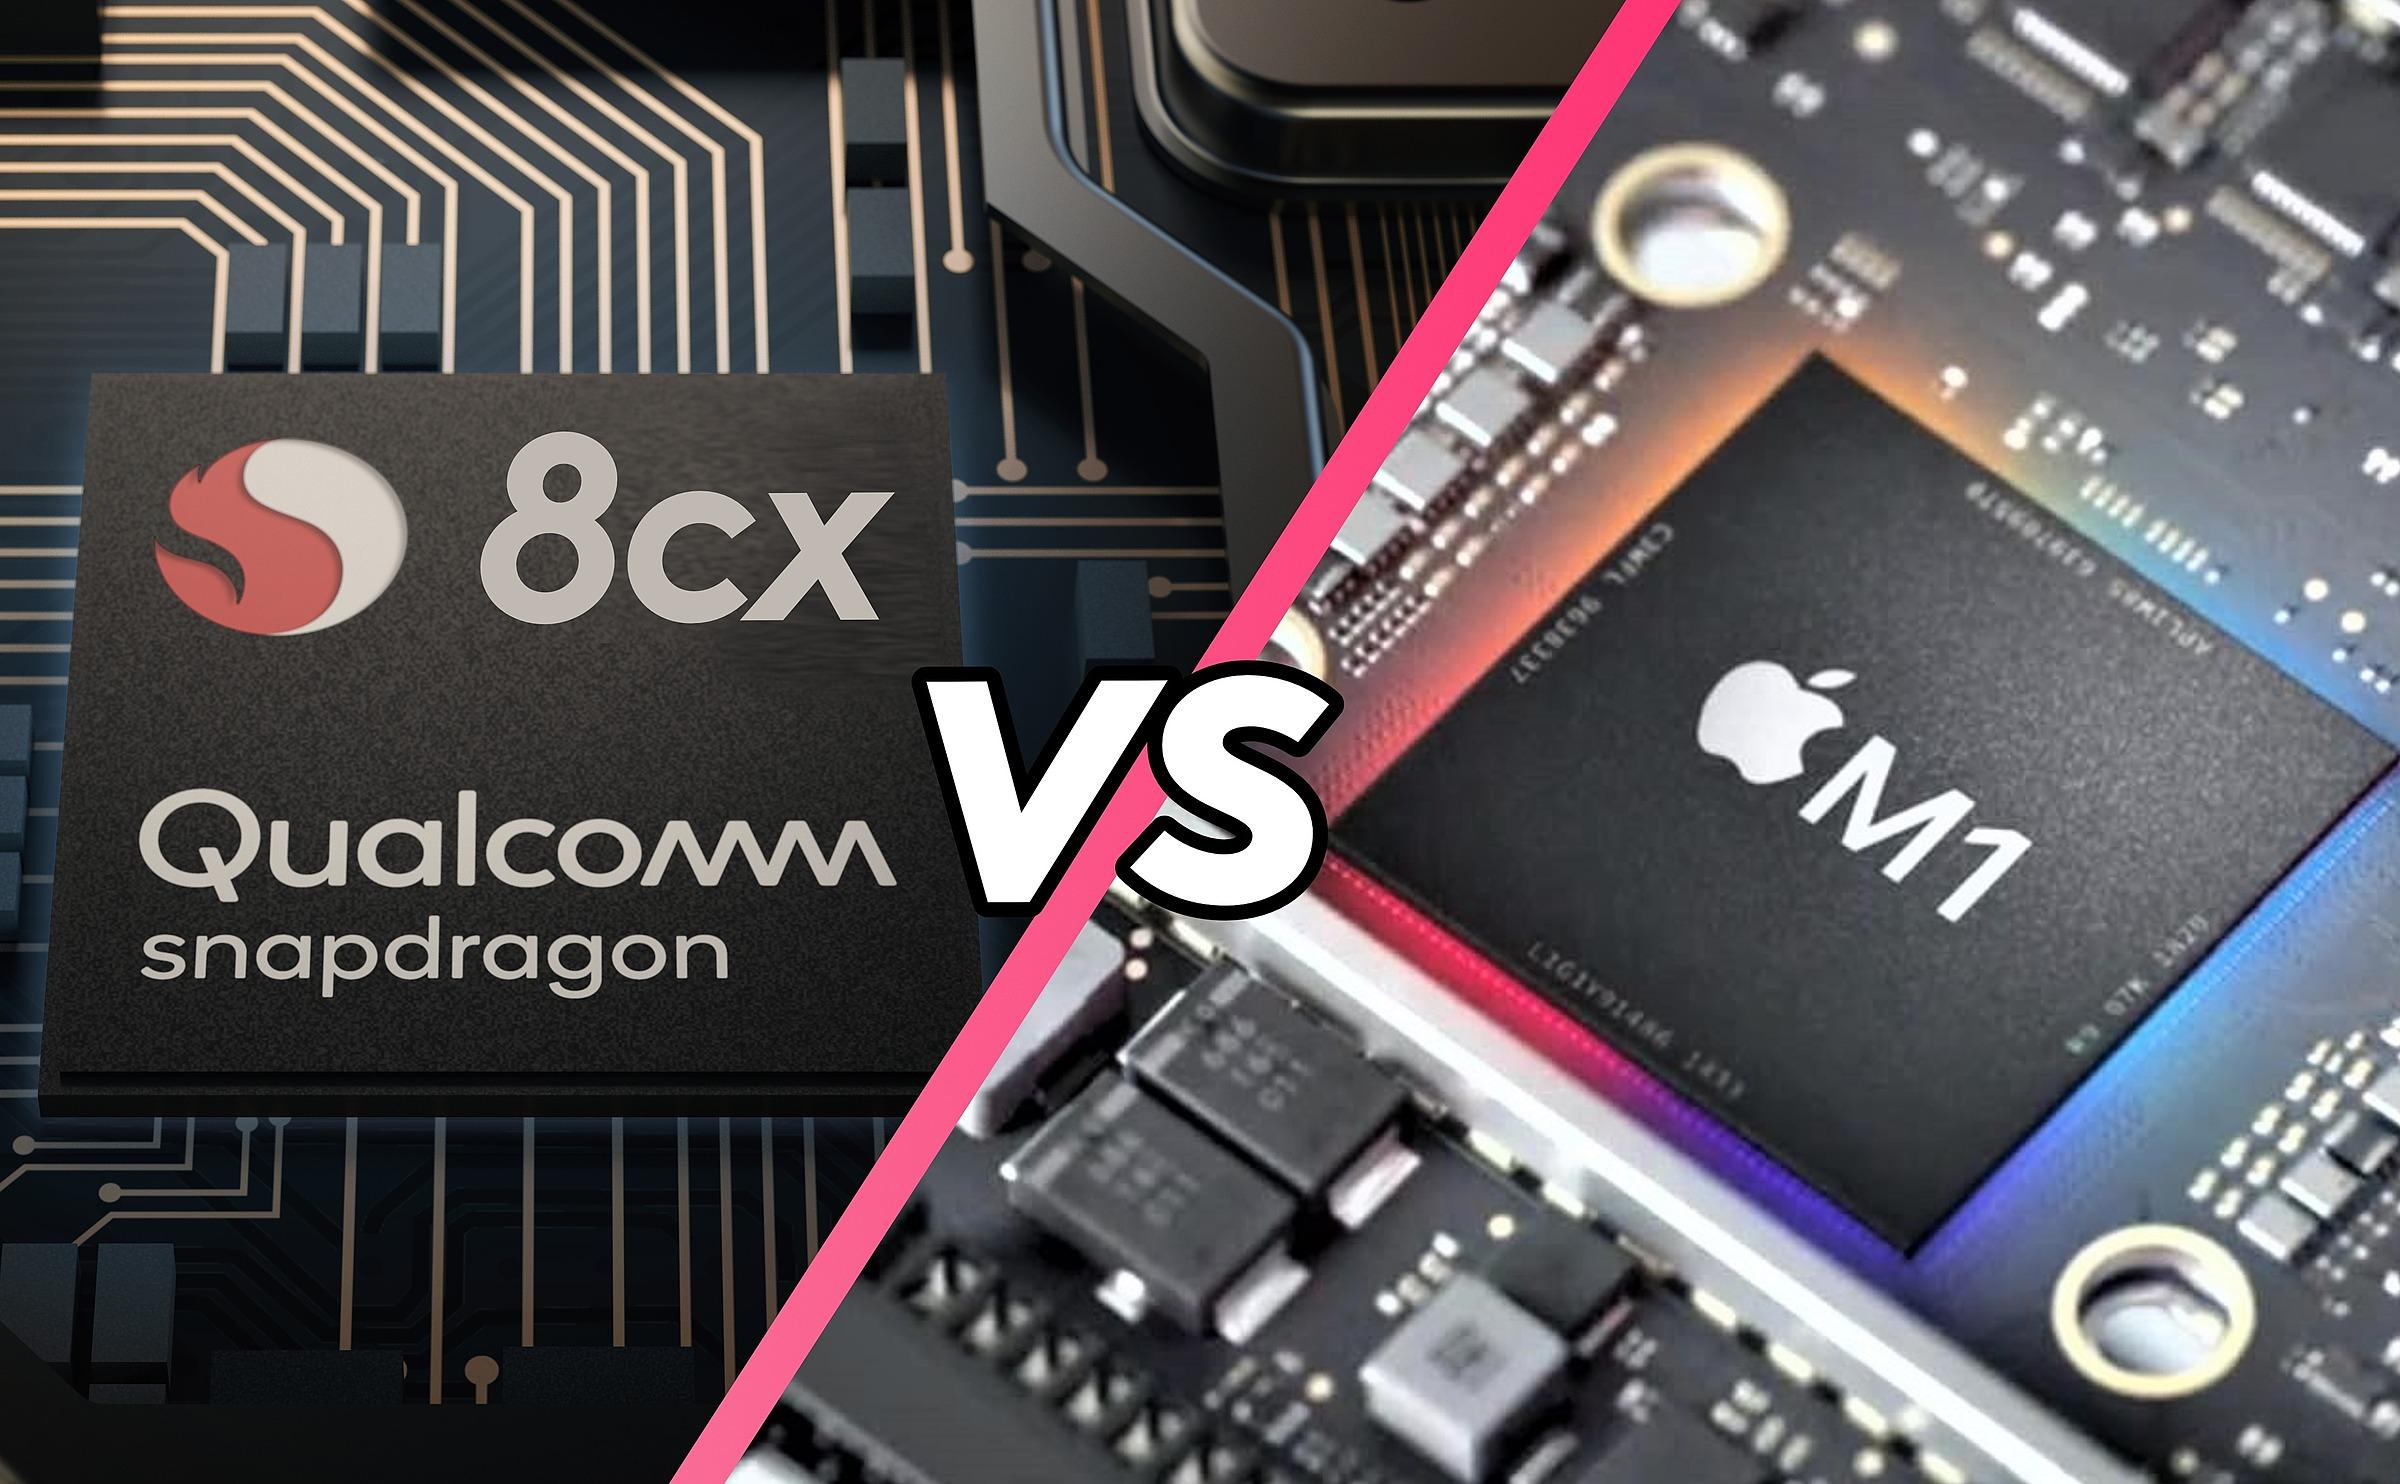 Qualcomm quyết tâm làm chip tốt hơn Apple khi sử dụng chính các kỹ sư của đối thủ.